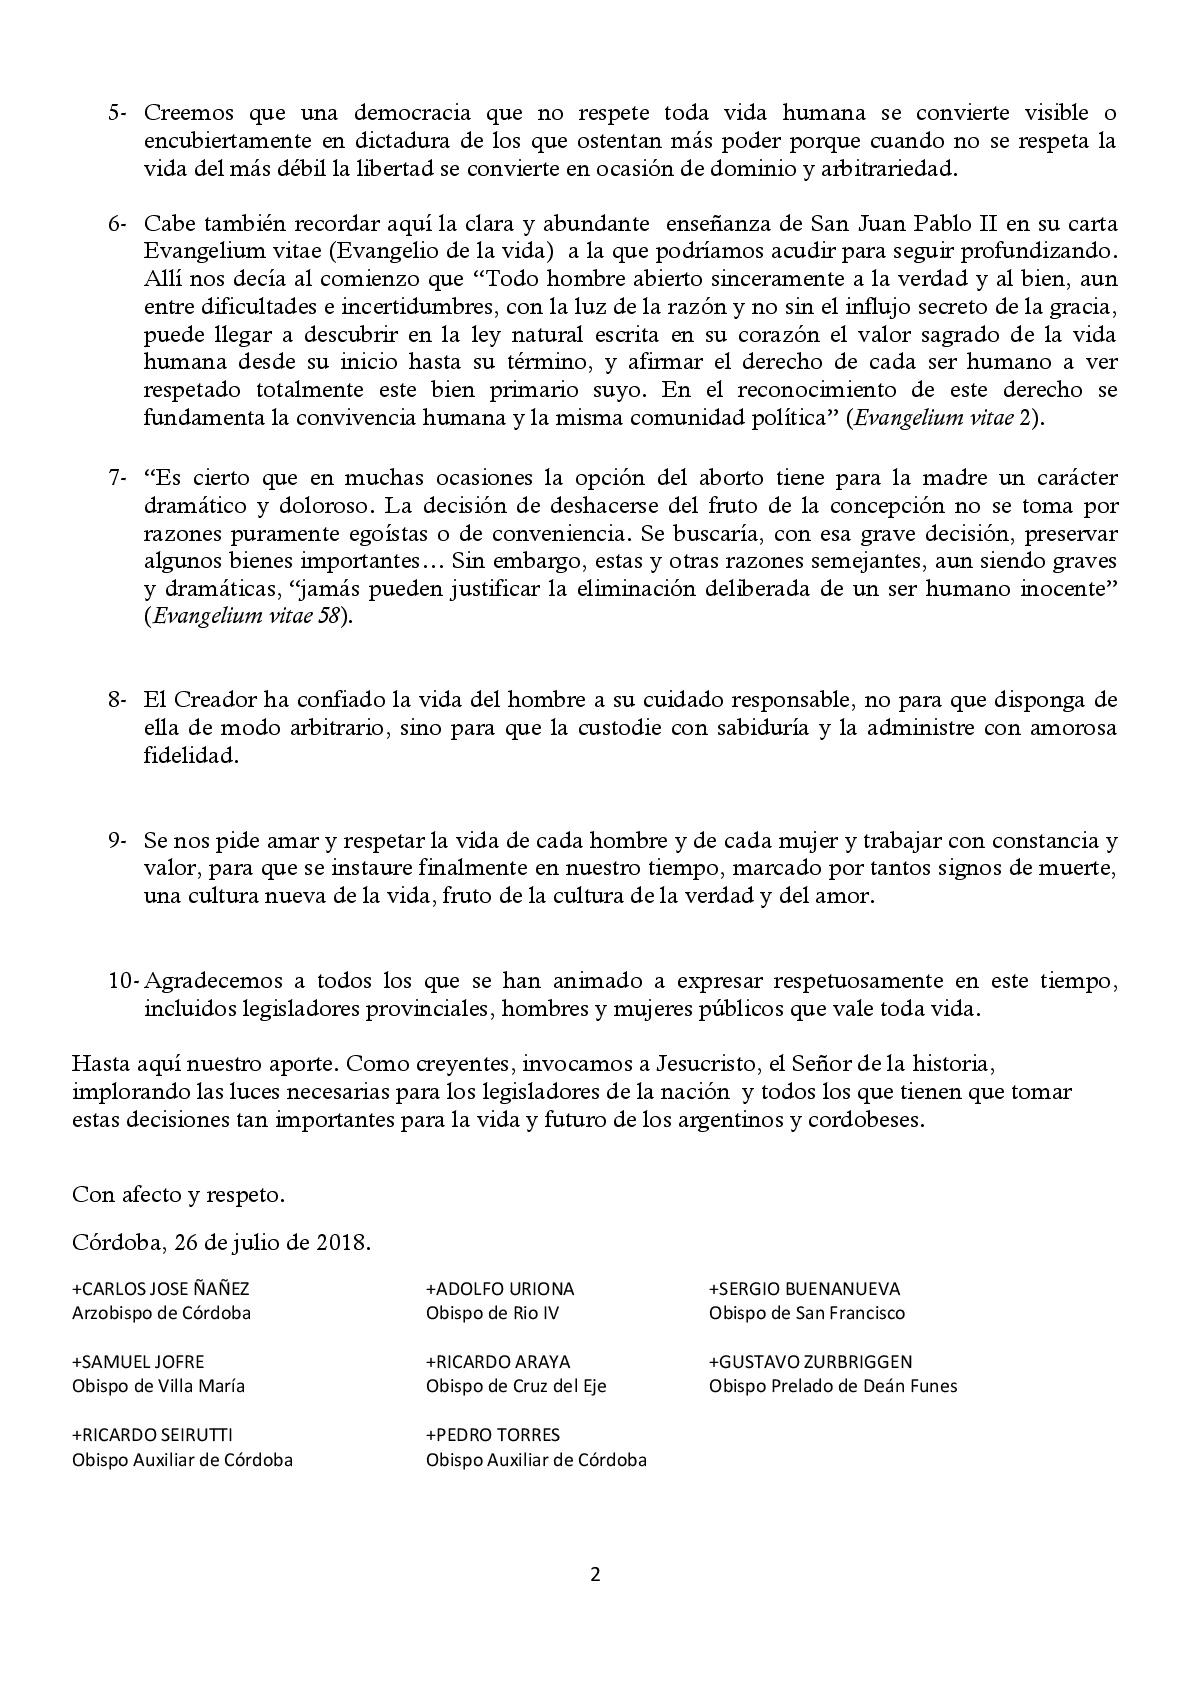 CARTA-ABIERTA-DE-LOS-OBISPOS-DE-LA-PROVINCIA-DE-CORDOBA-2-002